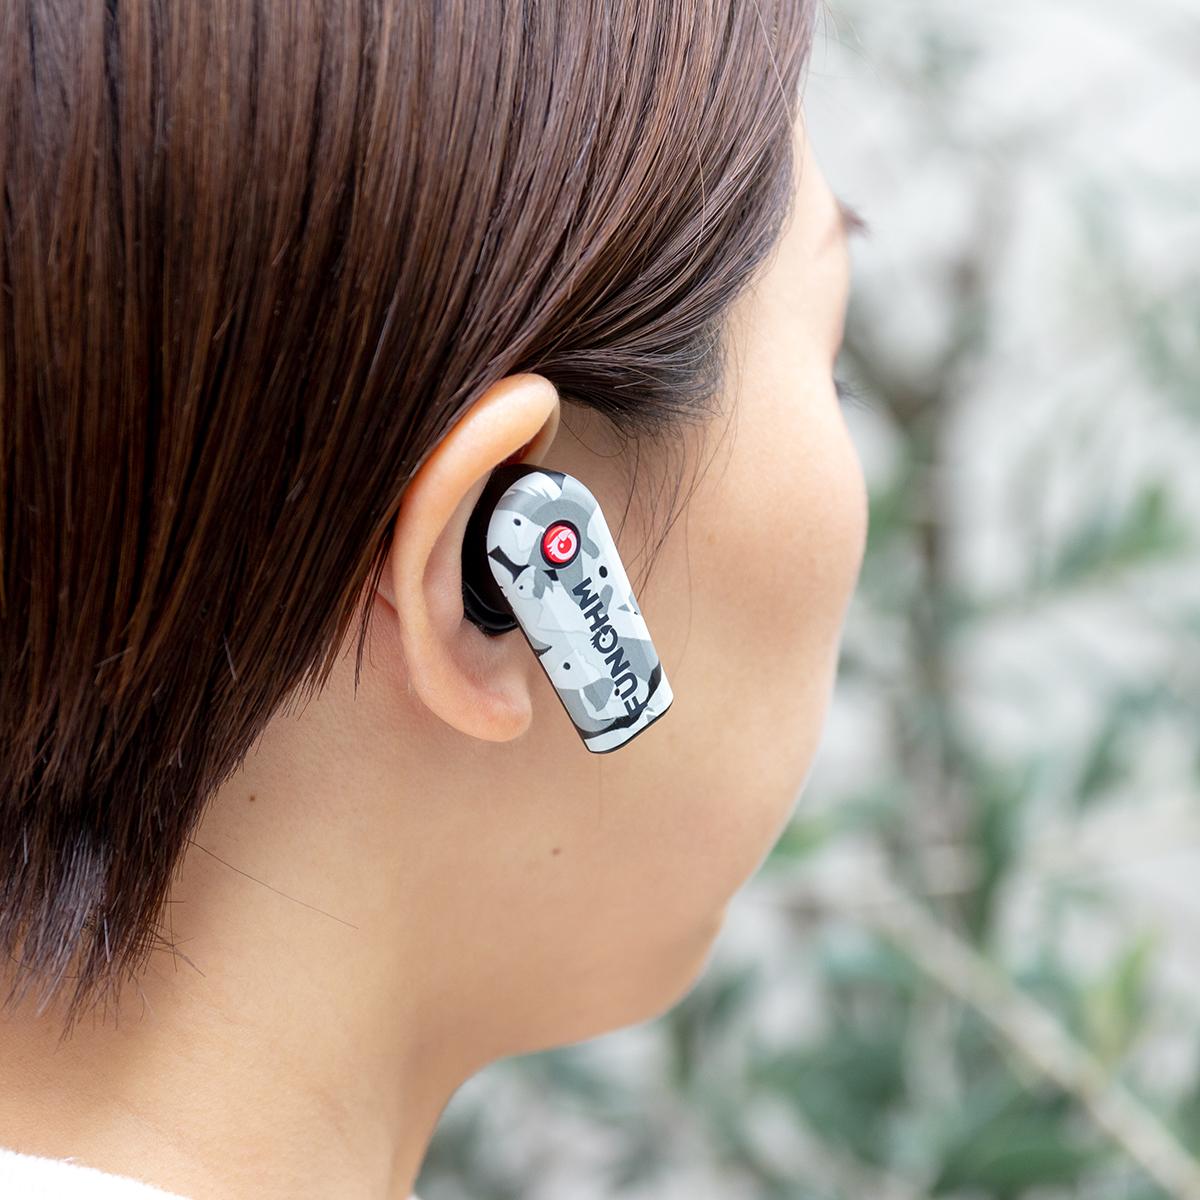 男性でも女性でも快適にフィット。新発想!耳から落ちない、音が途切れない、20時間再生OKのワイヤレスイヤホン|FUNOHM